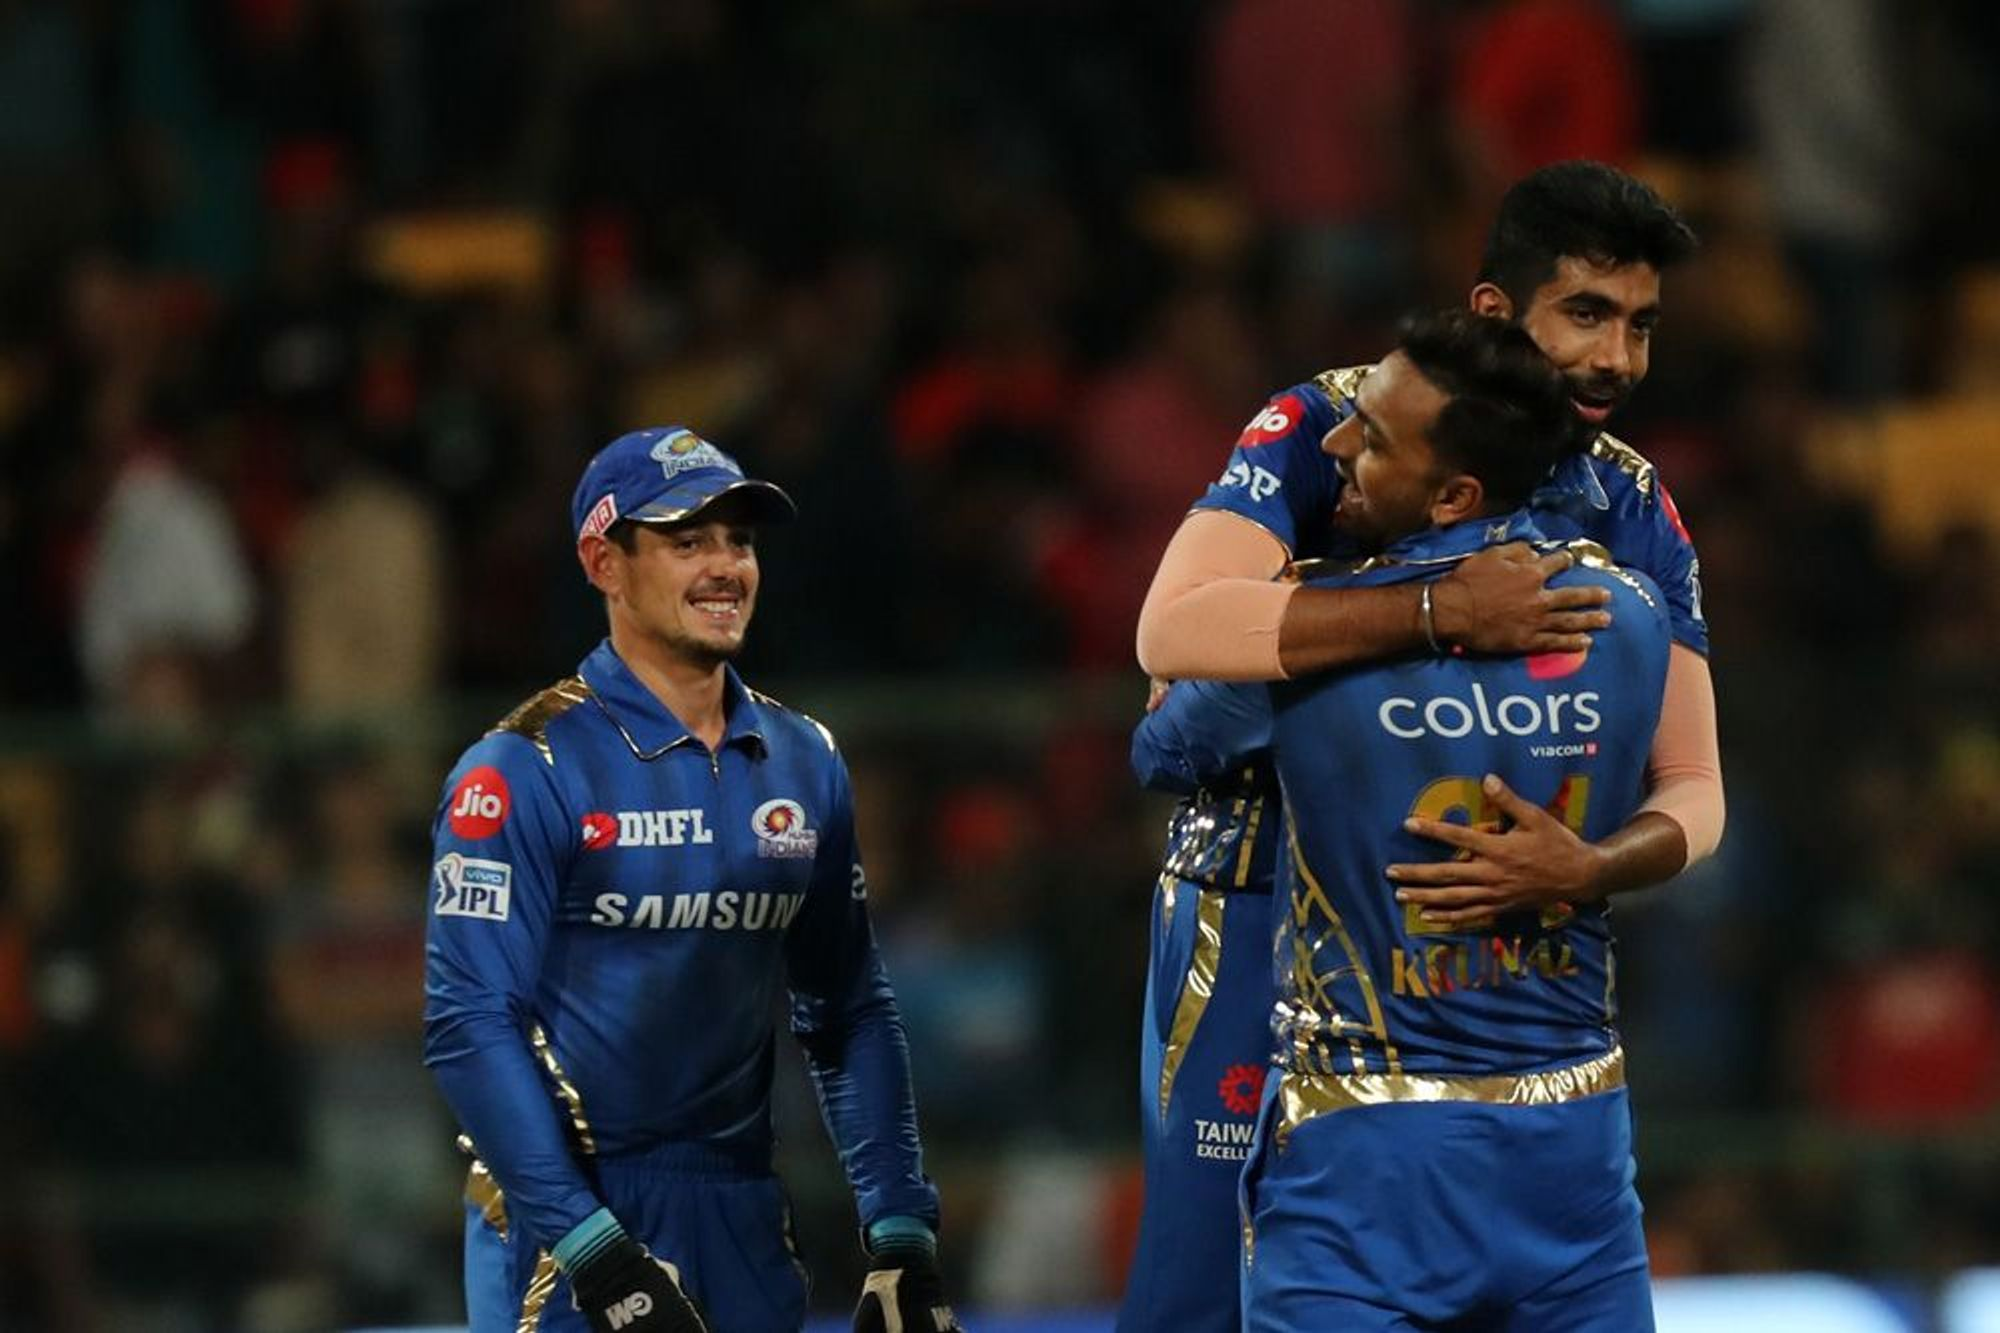 IPL 2019: किंग्स इलेवन पंजाब के खिलाफ इन 4 विदेशी खिलाड़ियों के साथ उतर सकती है मुंबई इंडियंस